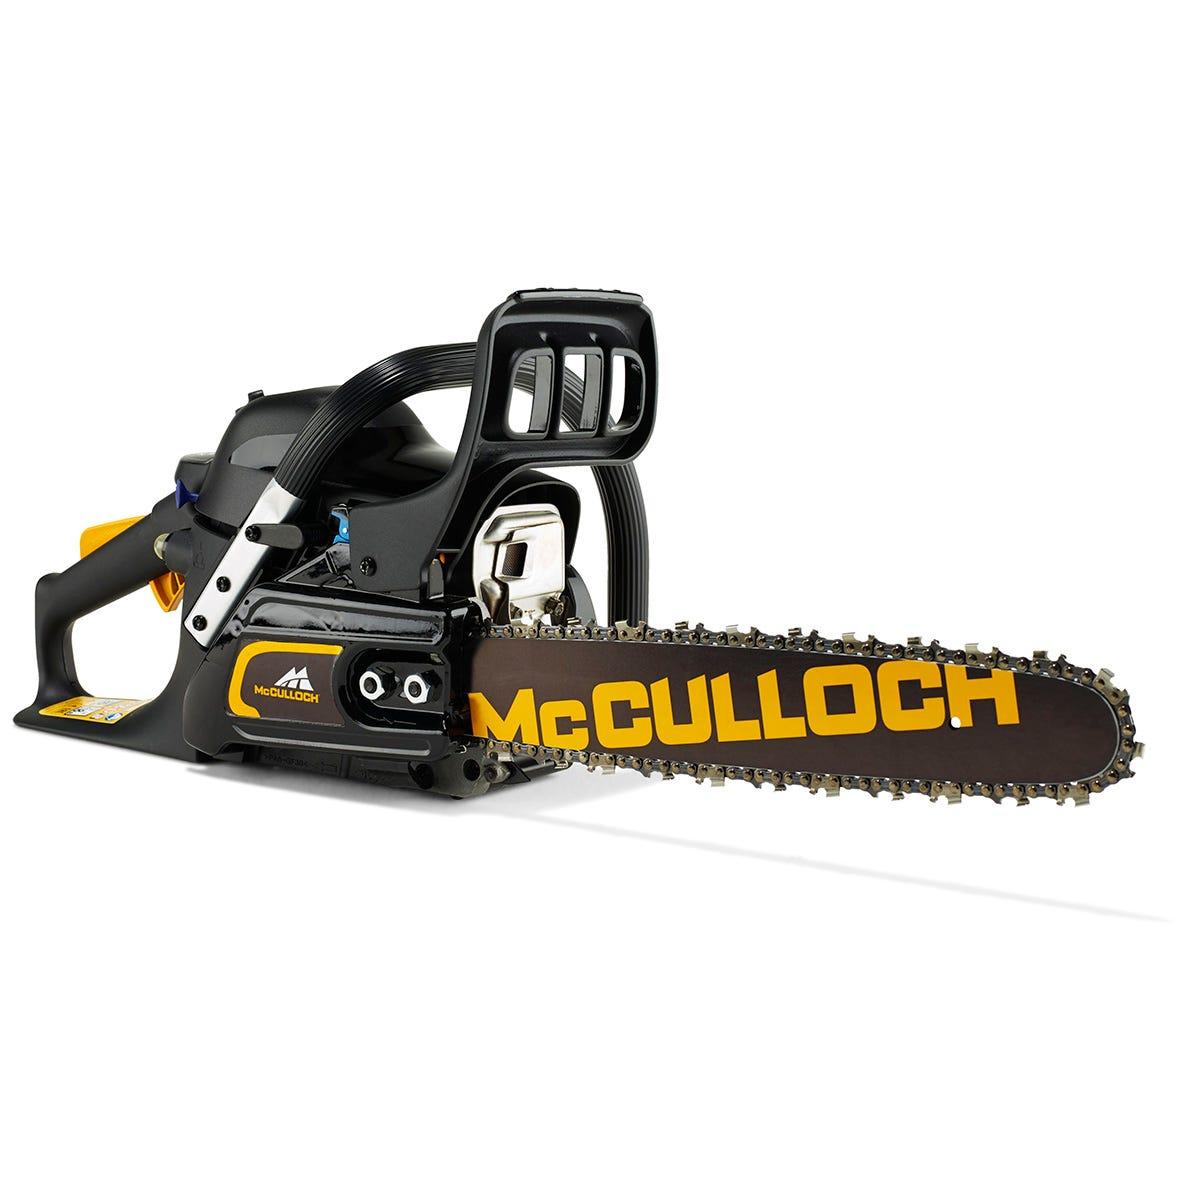 McCulloch 35cm (14